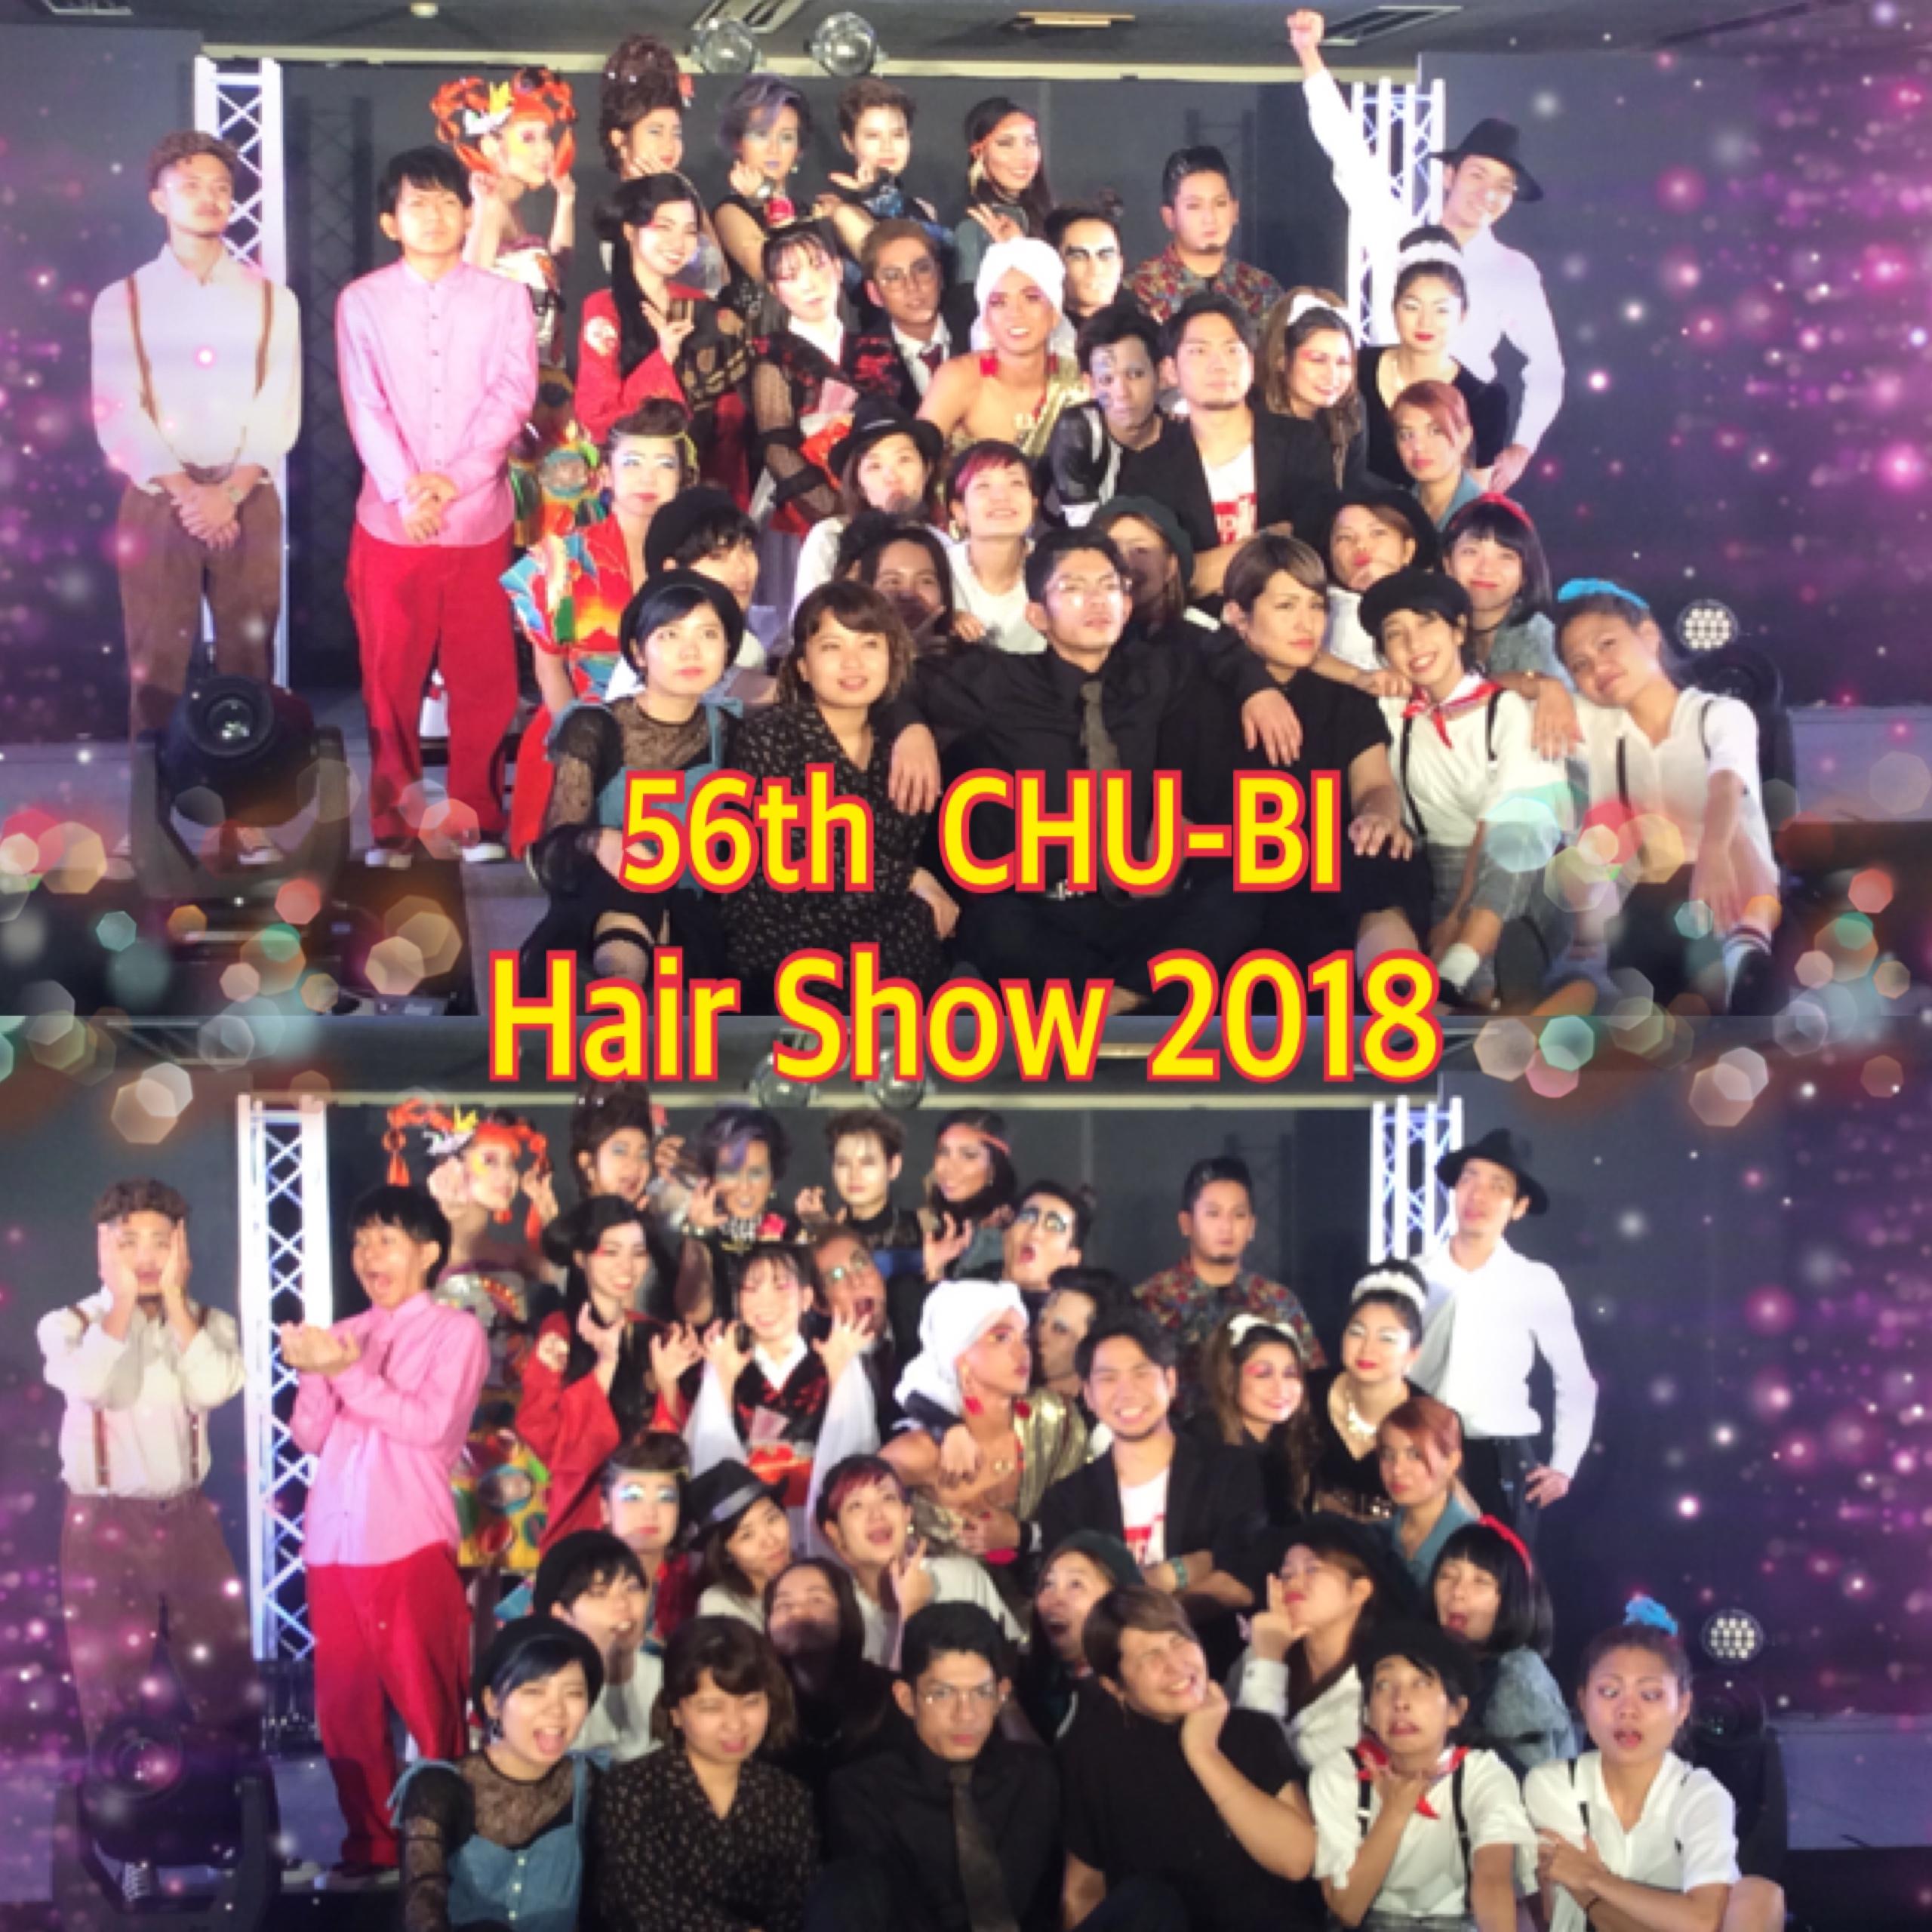 第56回 CHU-BI HAIR SHOW 2018 ご来場ありがとうございました!!